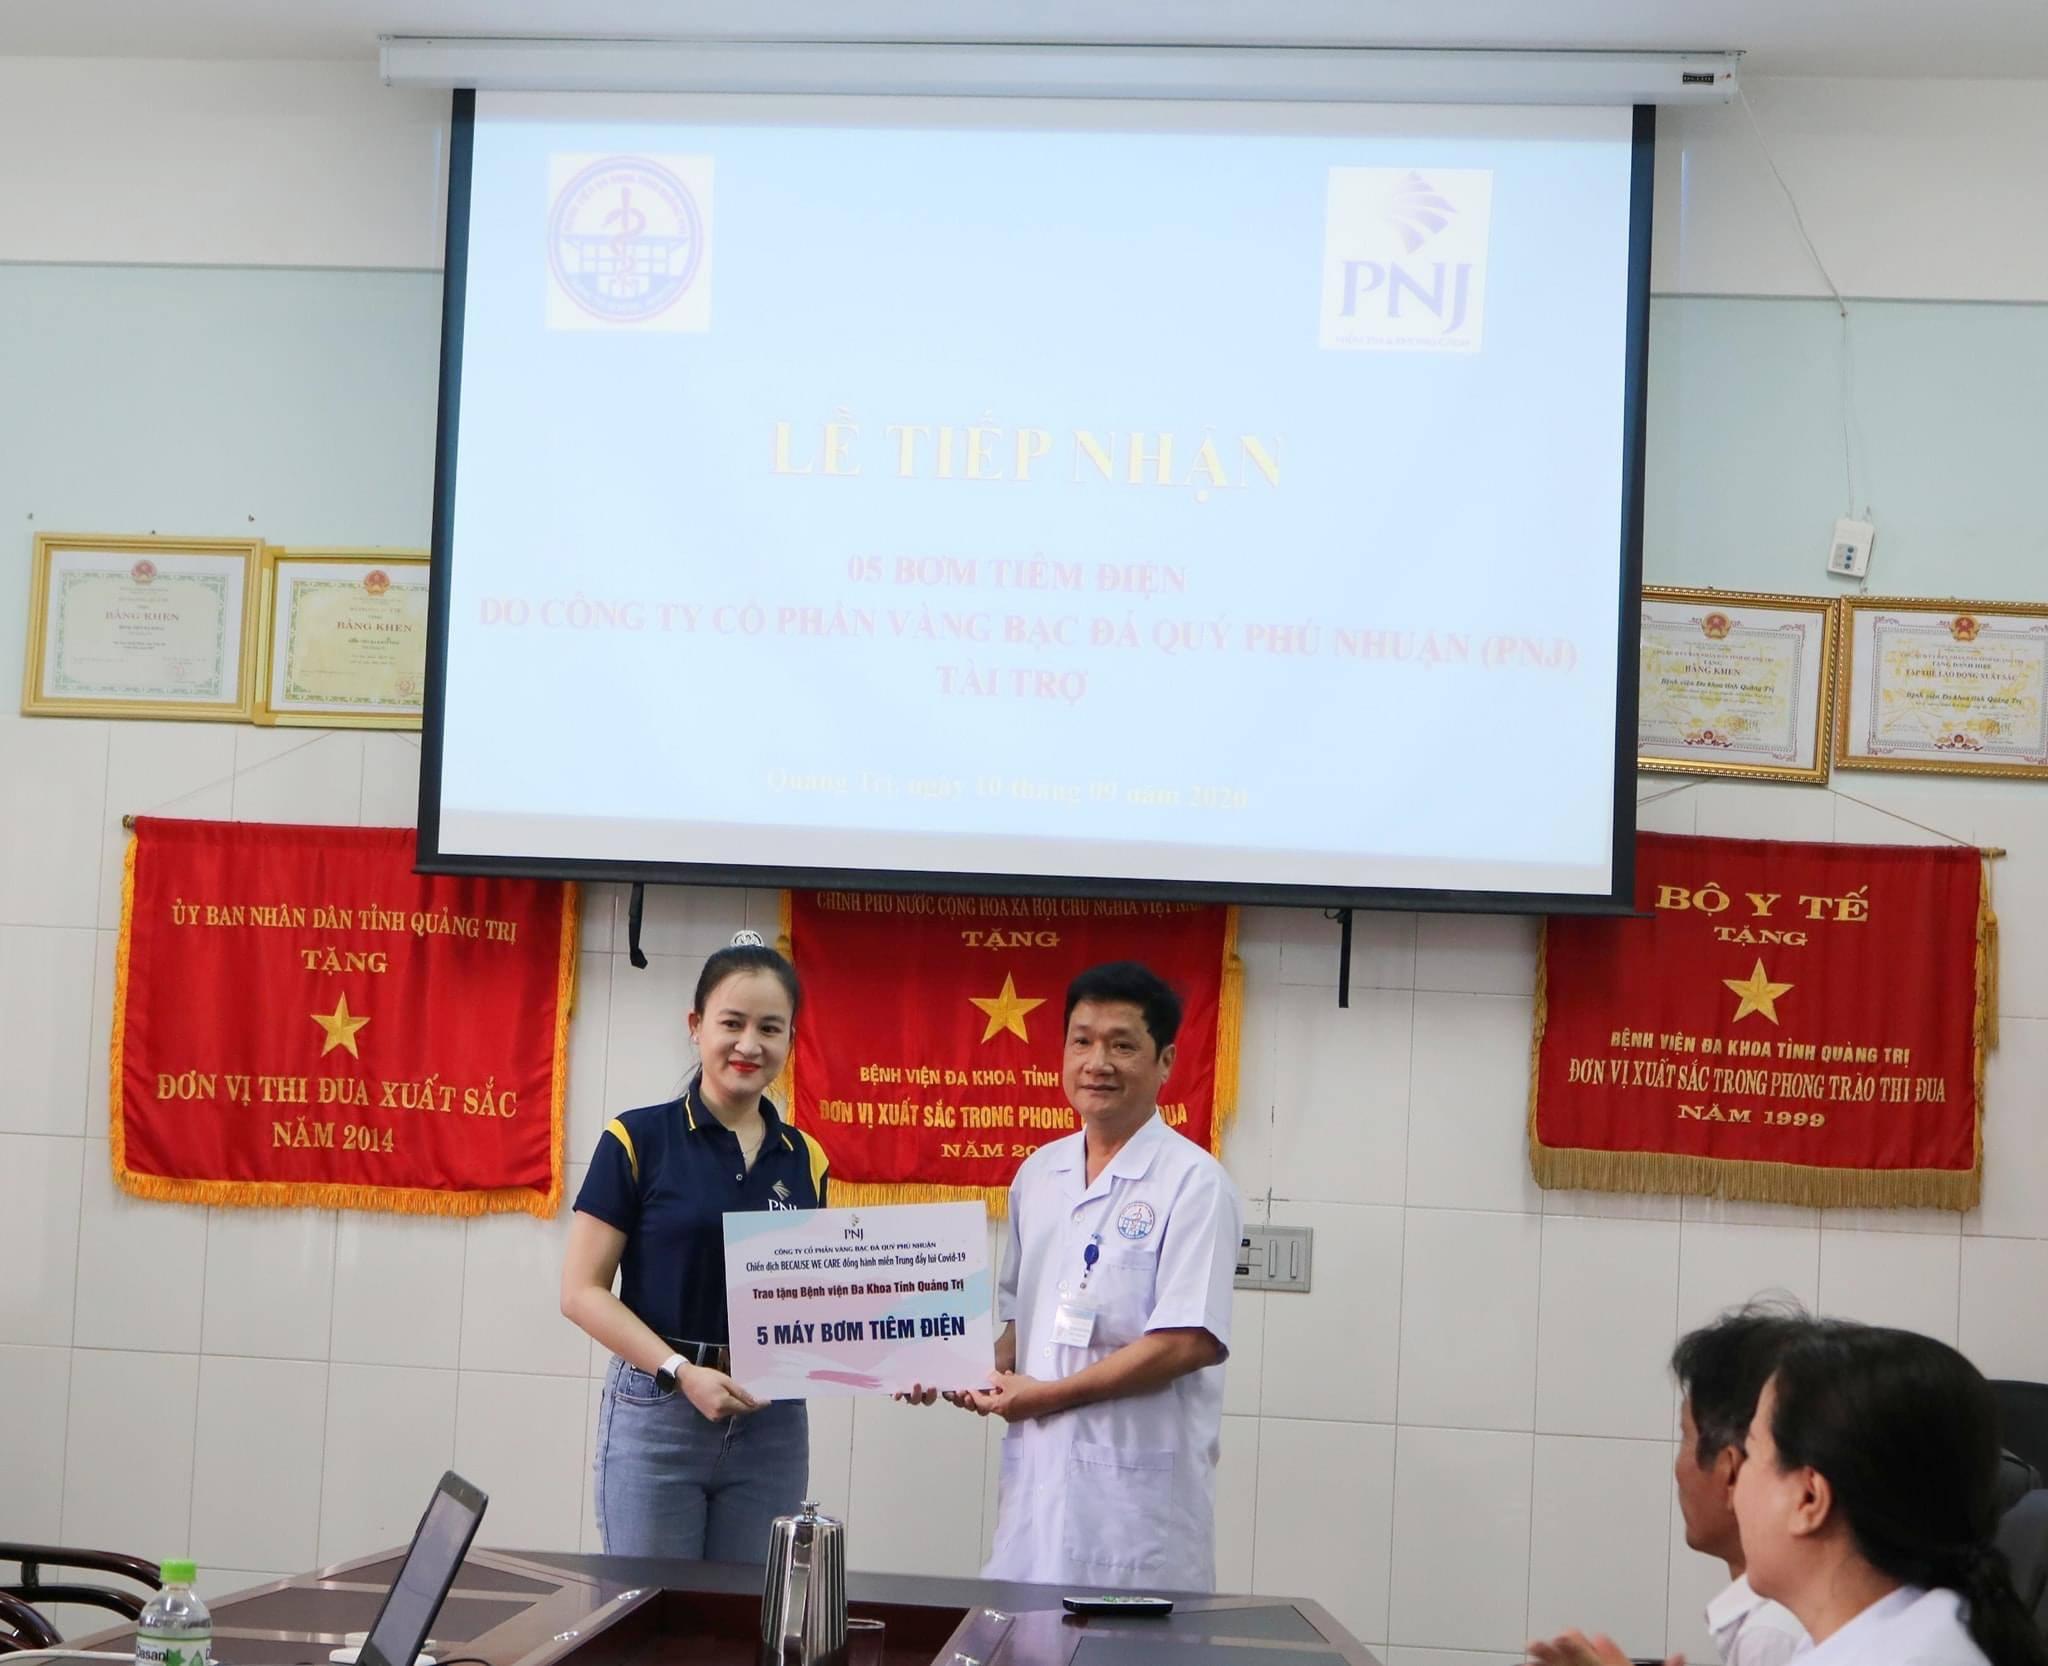 PNJ trao tặng thiết bị y tế cho bệnh viện tại Quảng Nam và Quảng Trị 4